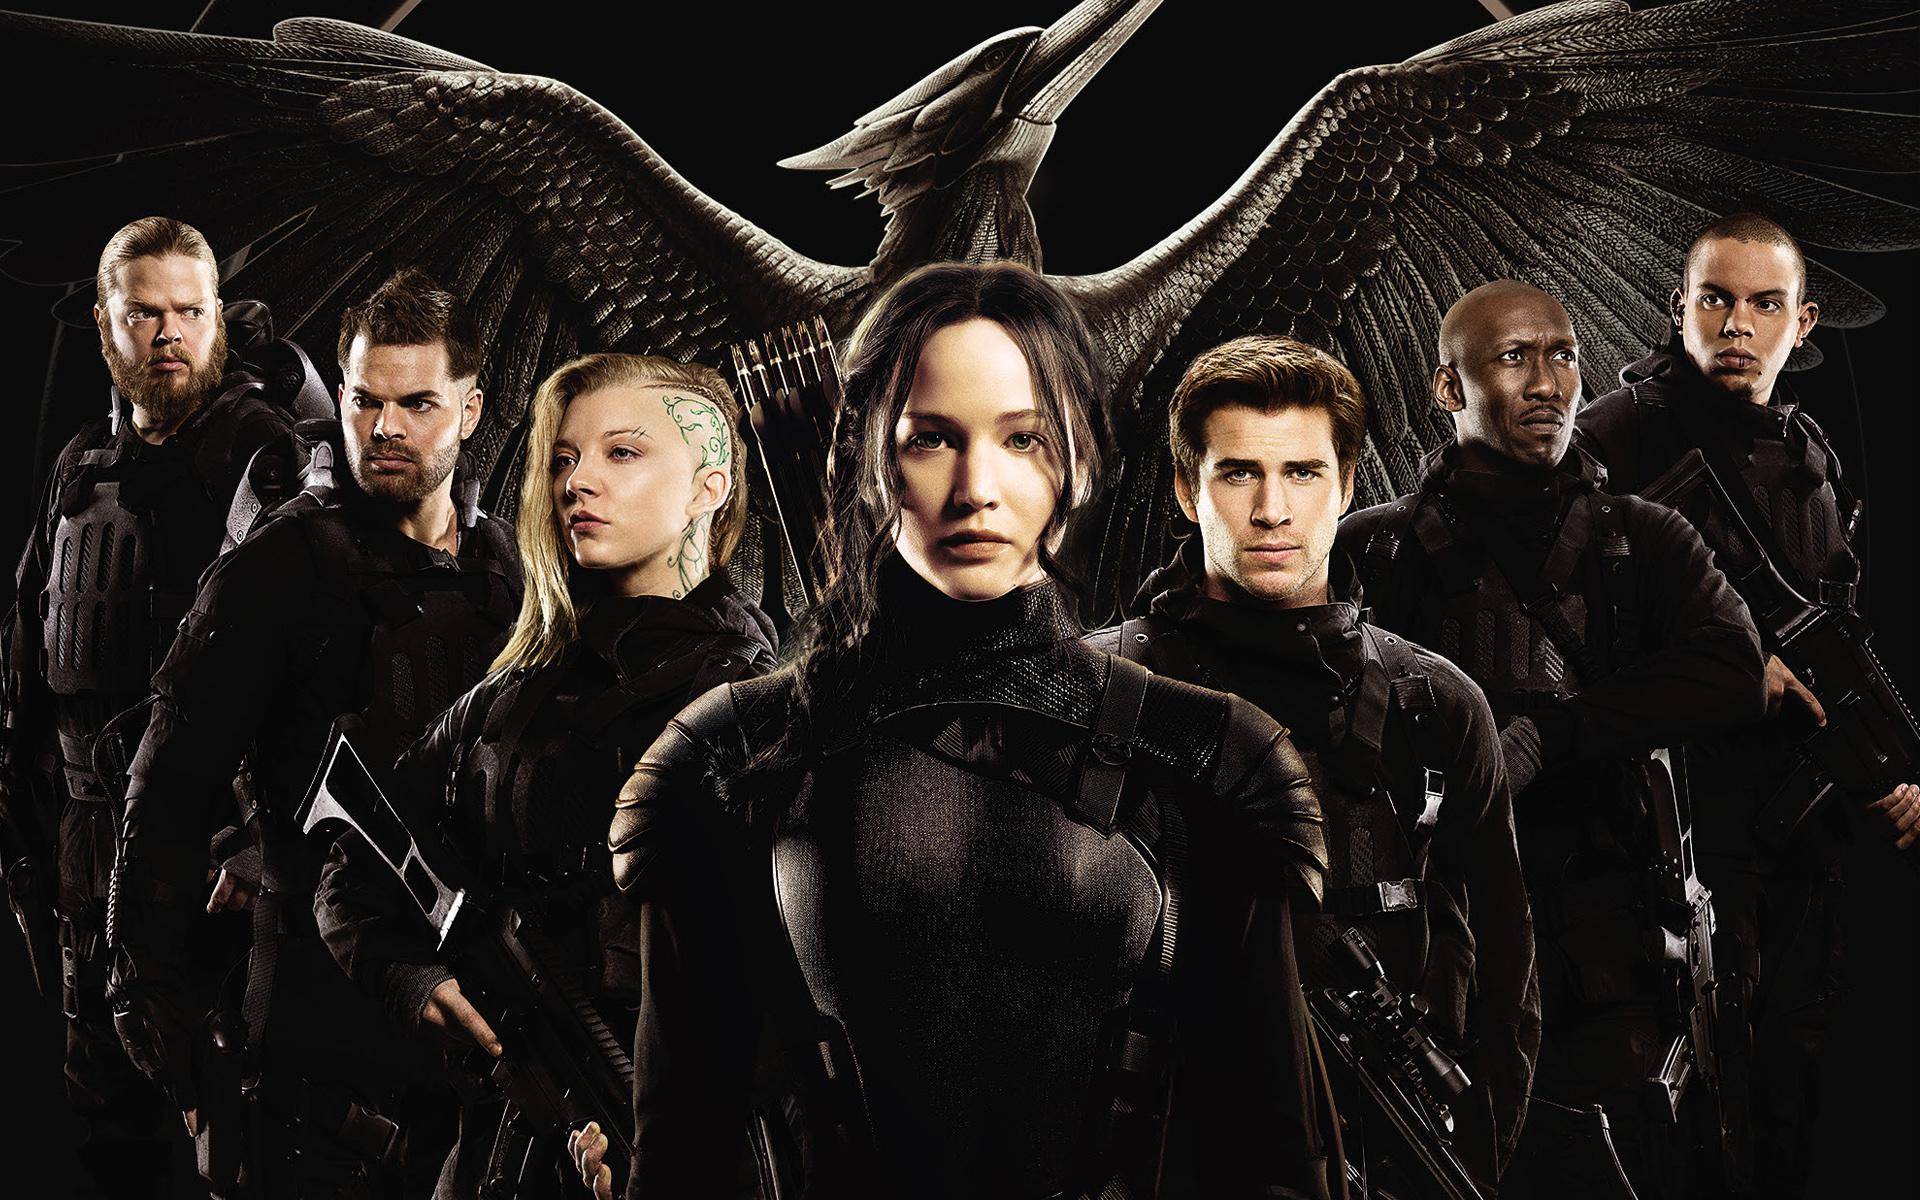 Photo of Recenzija filma Hunger games 3: Trailer za zadnji dio, očekivana glupost